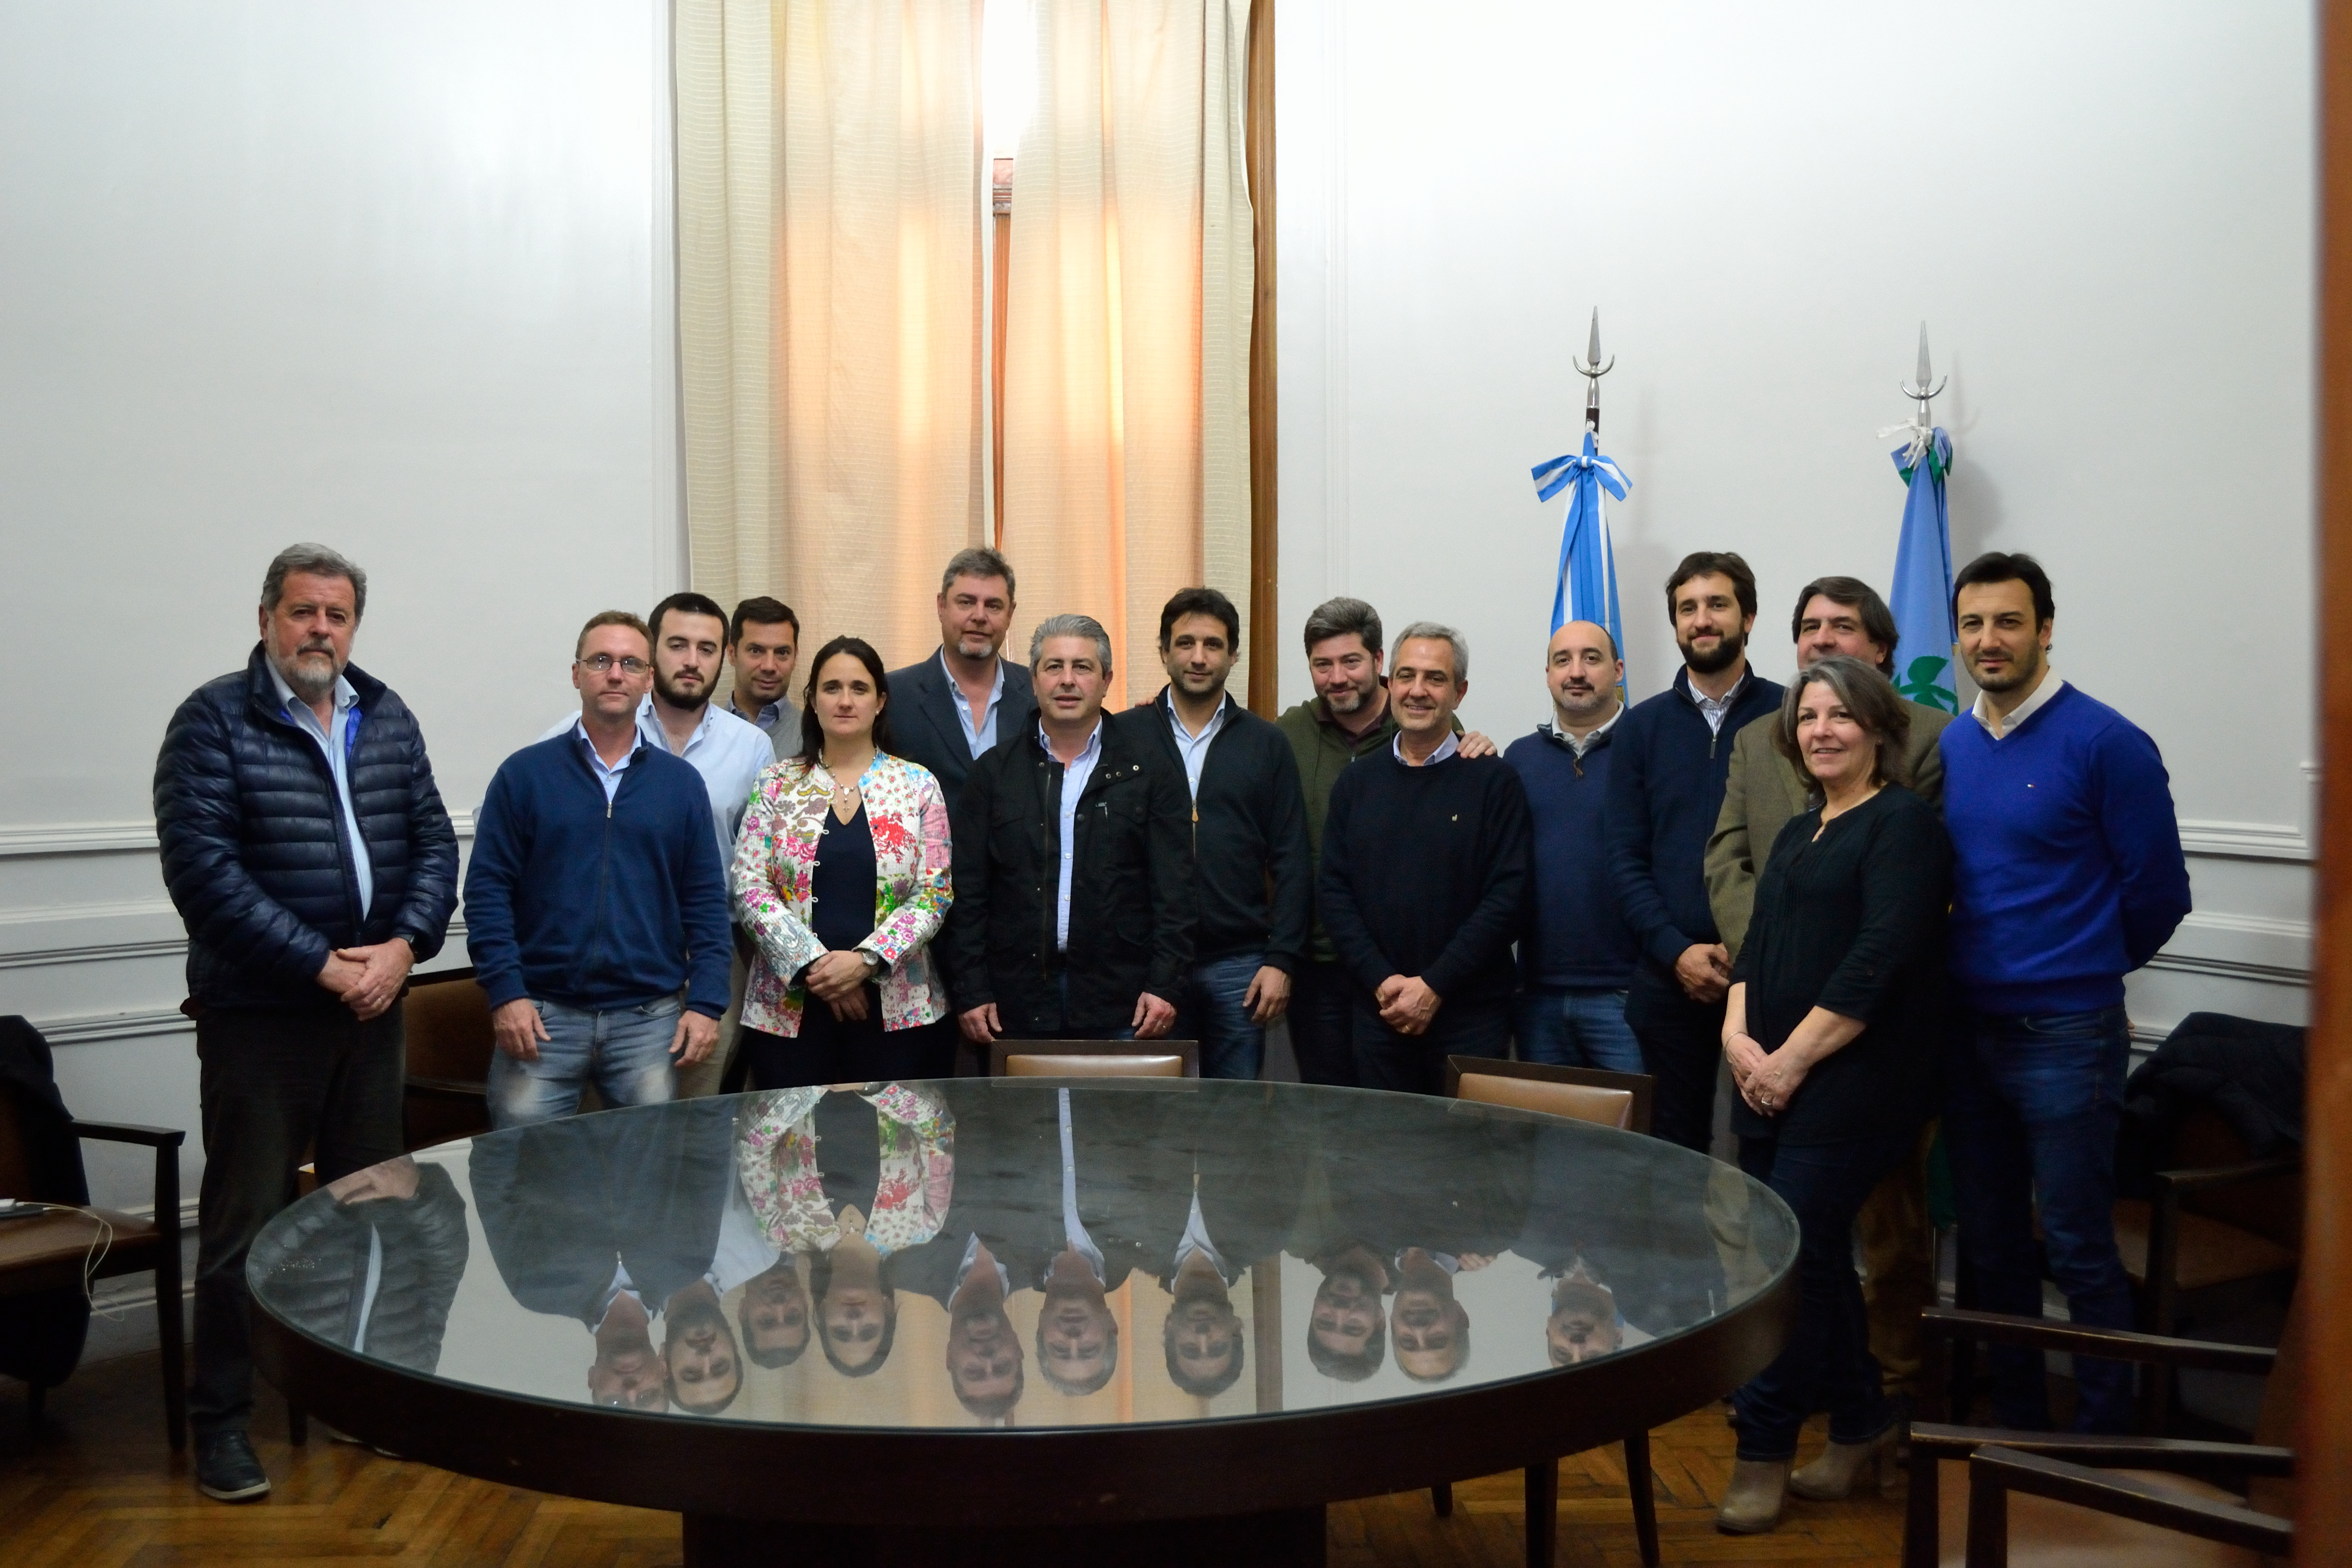 Legisladores de Juntos por el Cambio dialogaron con vecinos, candidatos y equipos técnicos en Pergamino